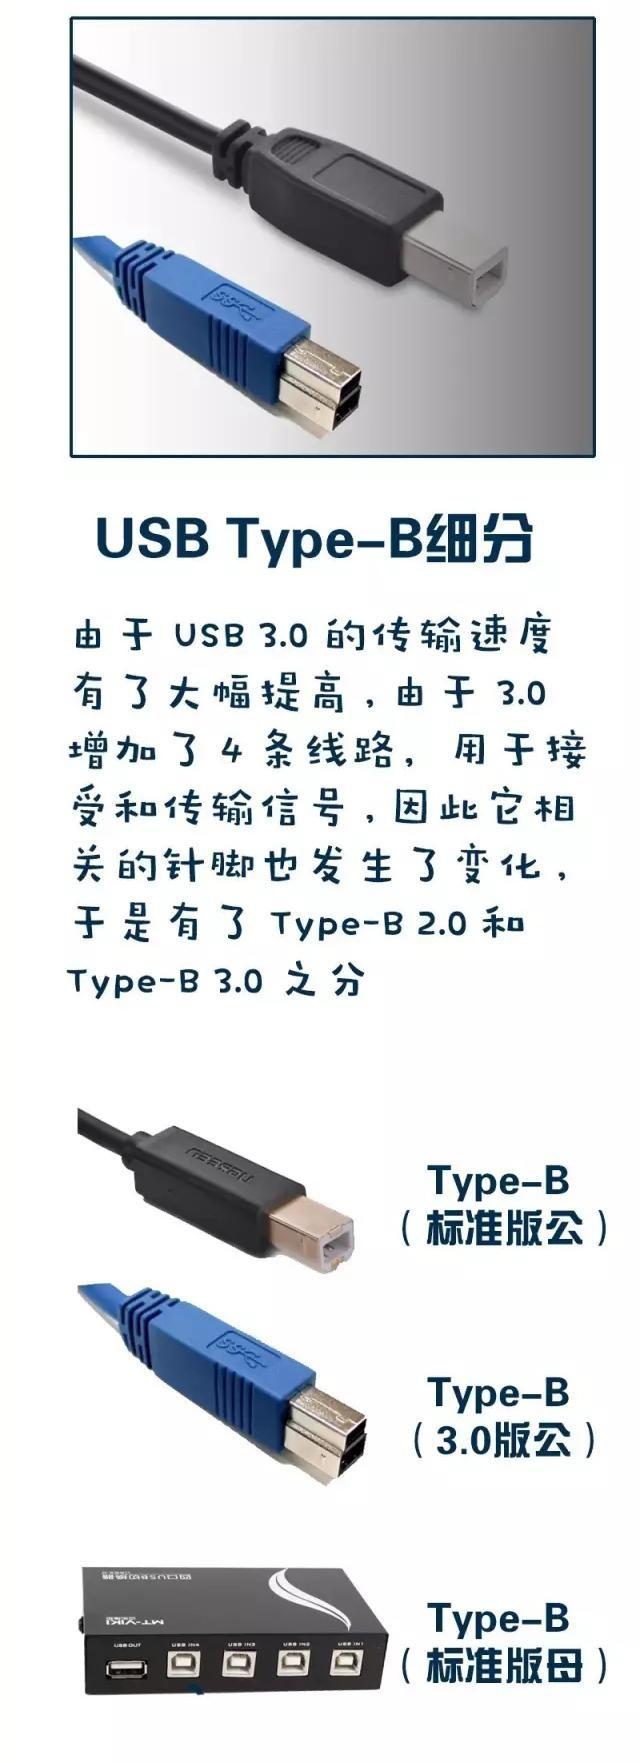 熟悉又陌生 USB接口标准全解析